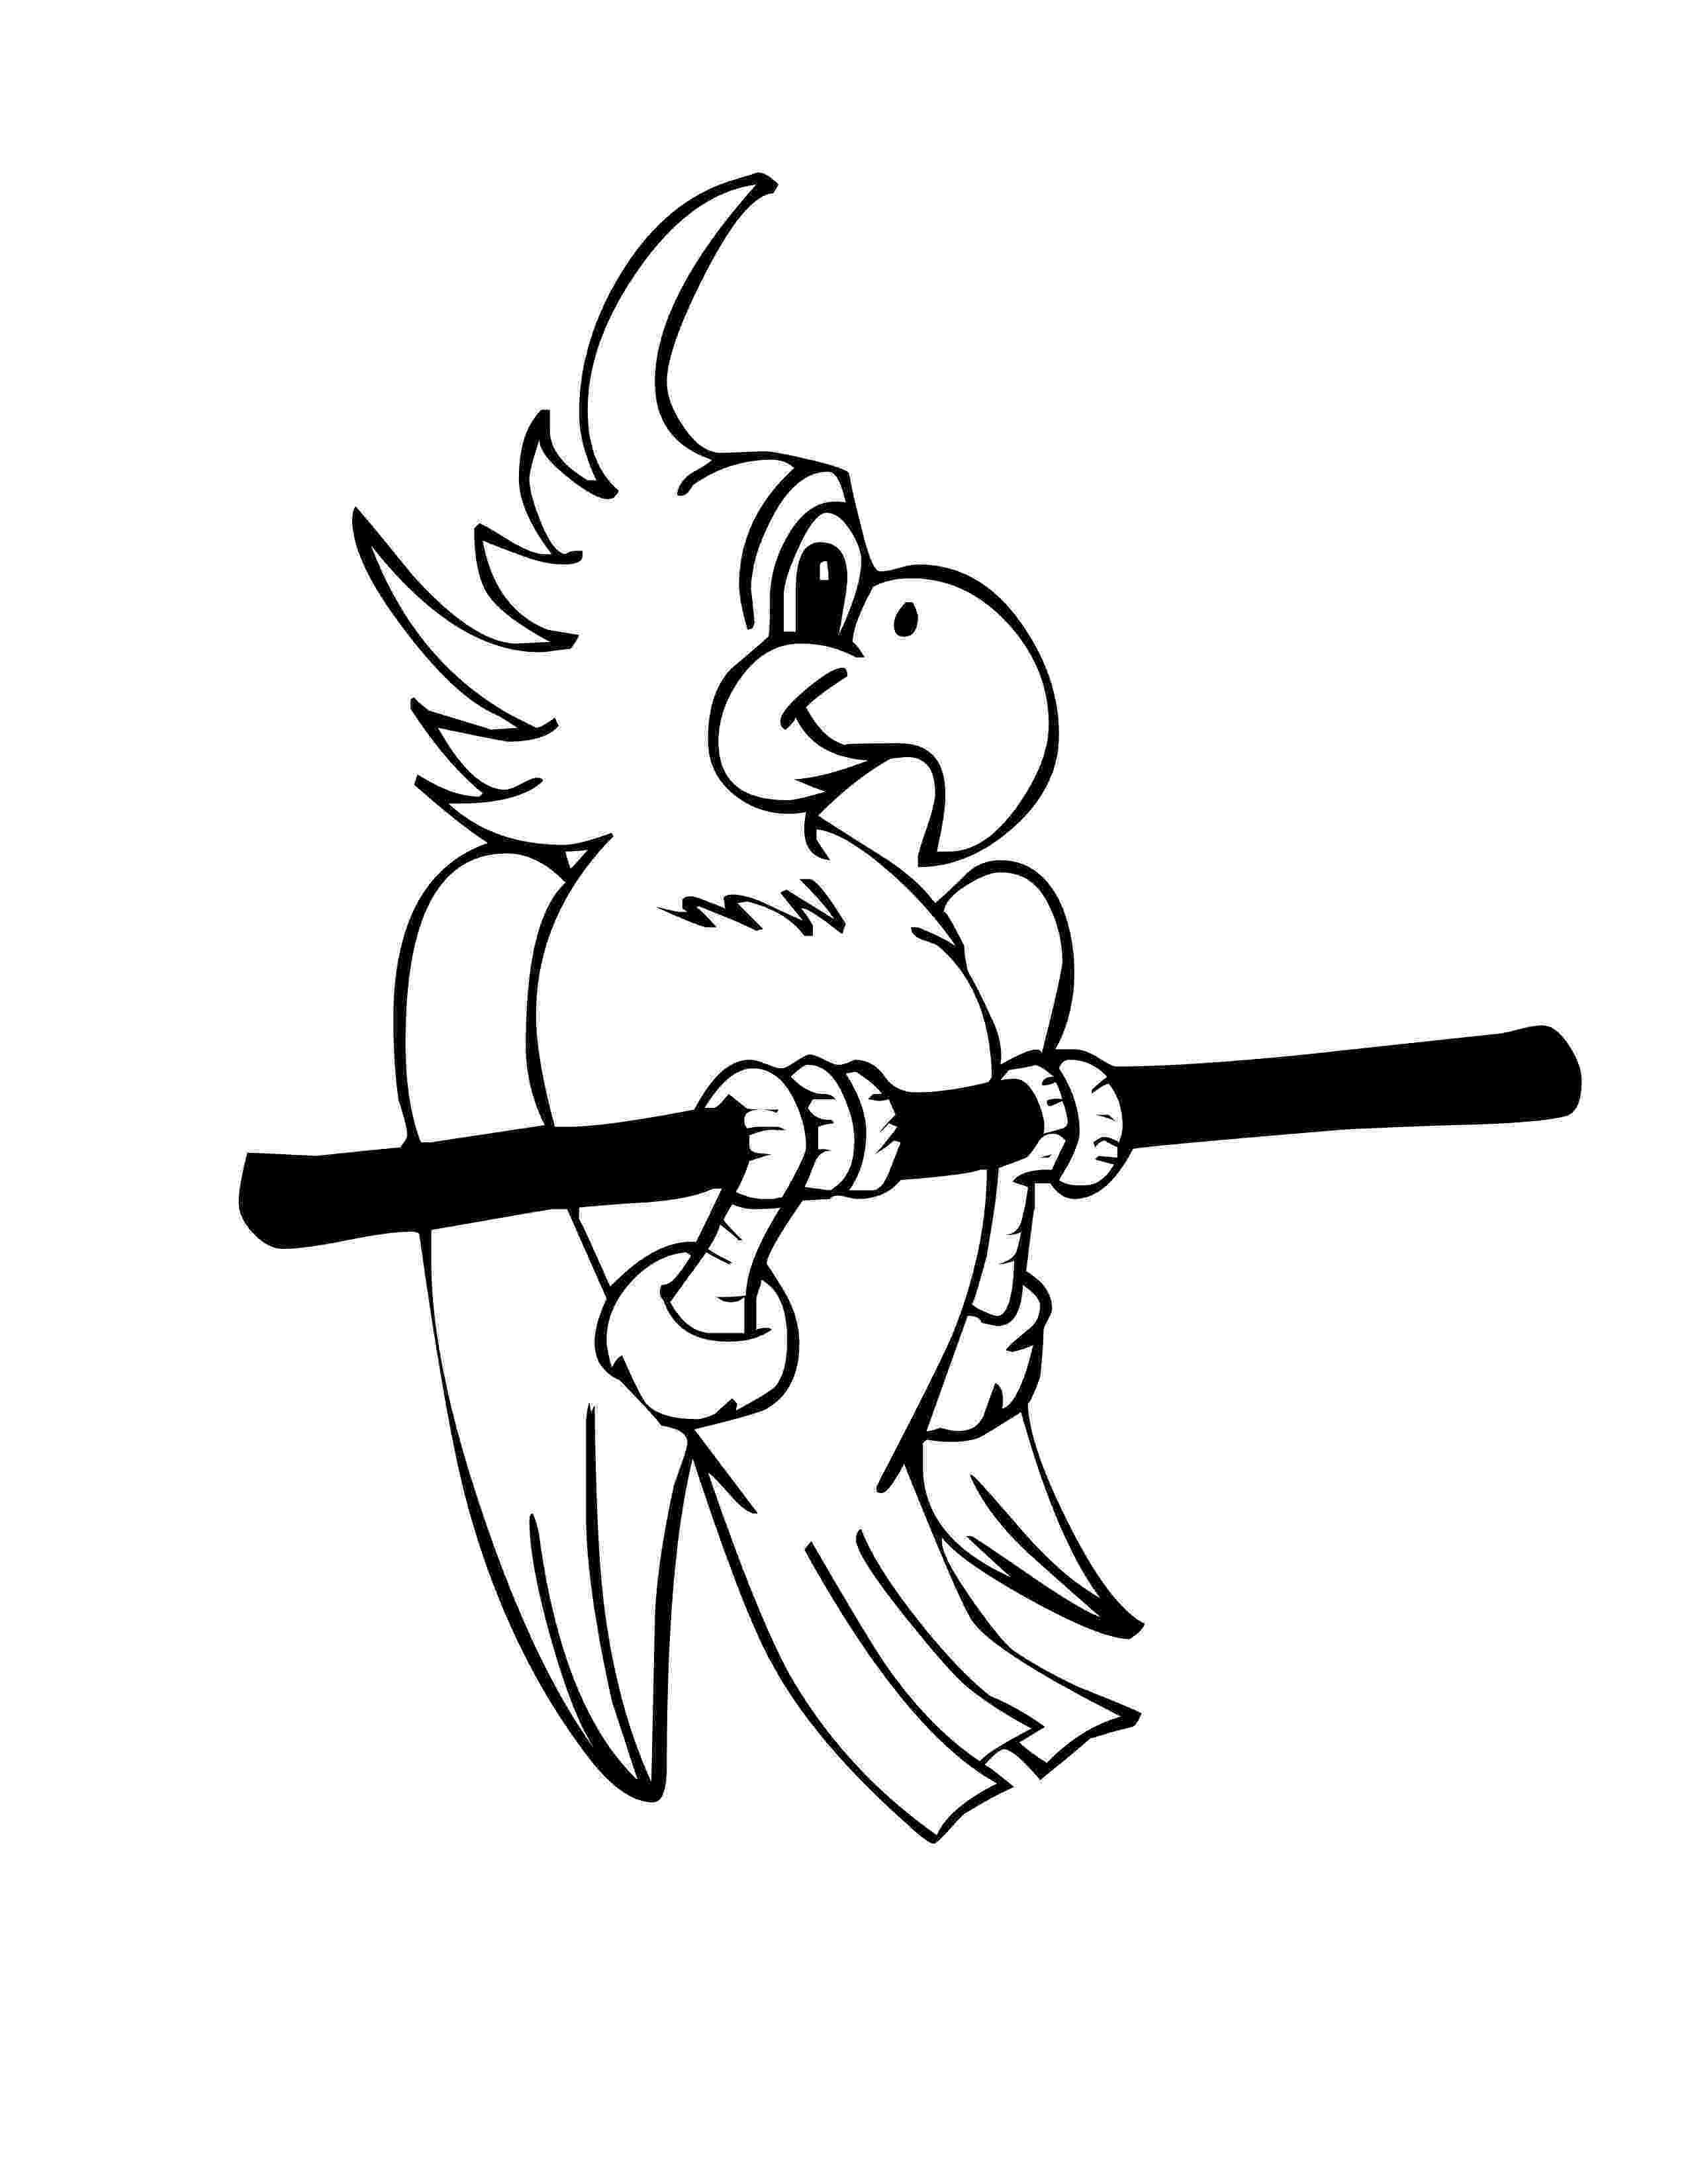 bird coloring cute tweety coloring page bird coloring pages cartoon bird coloring